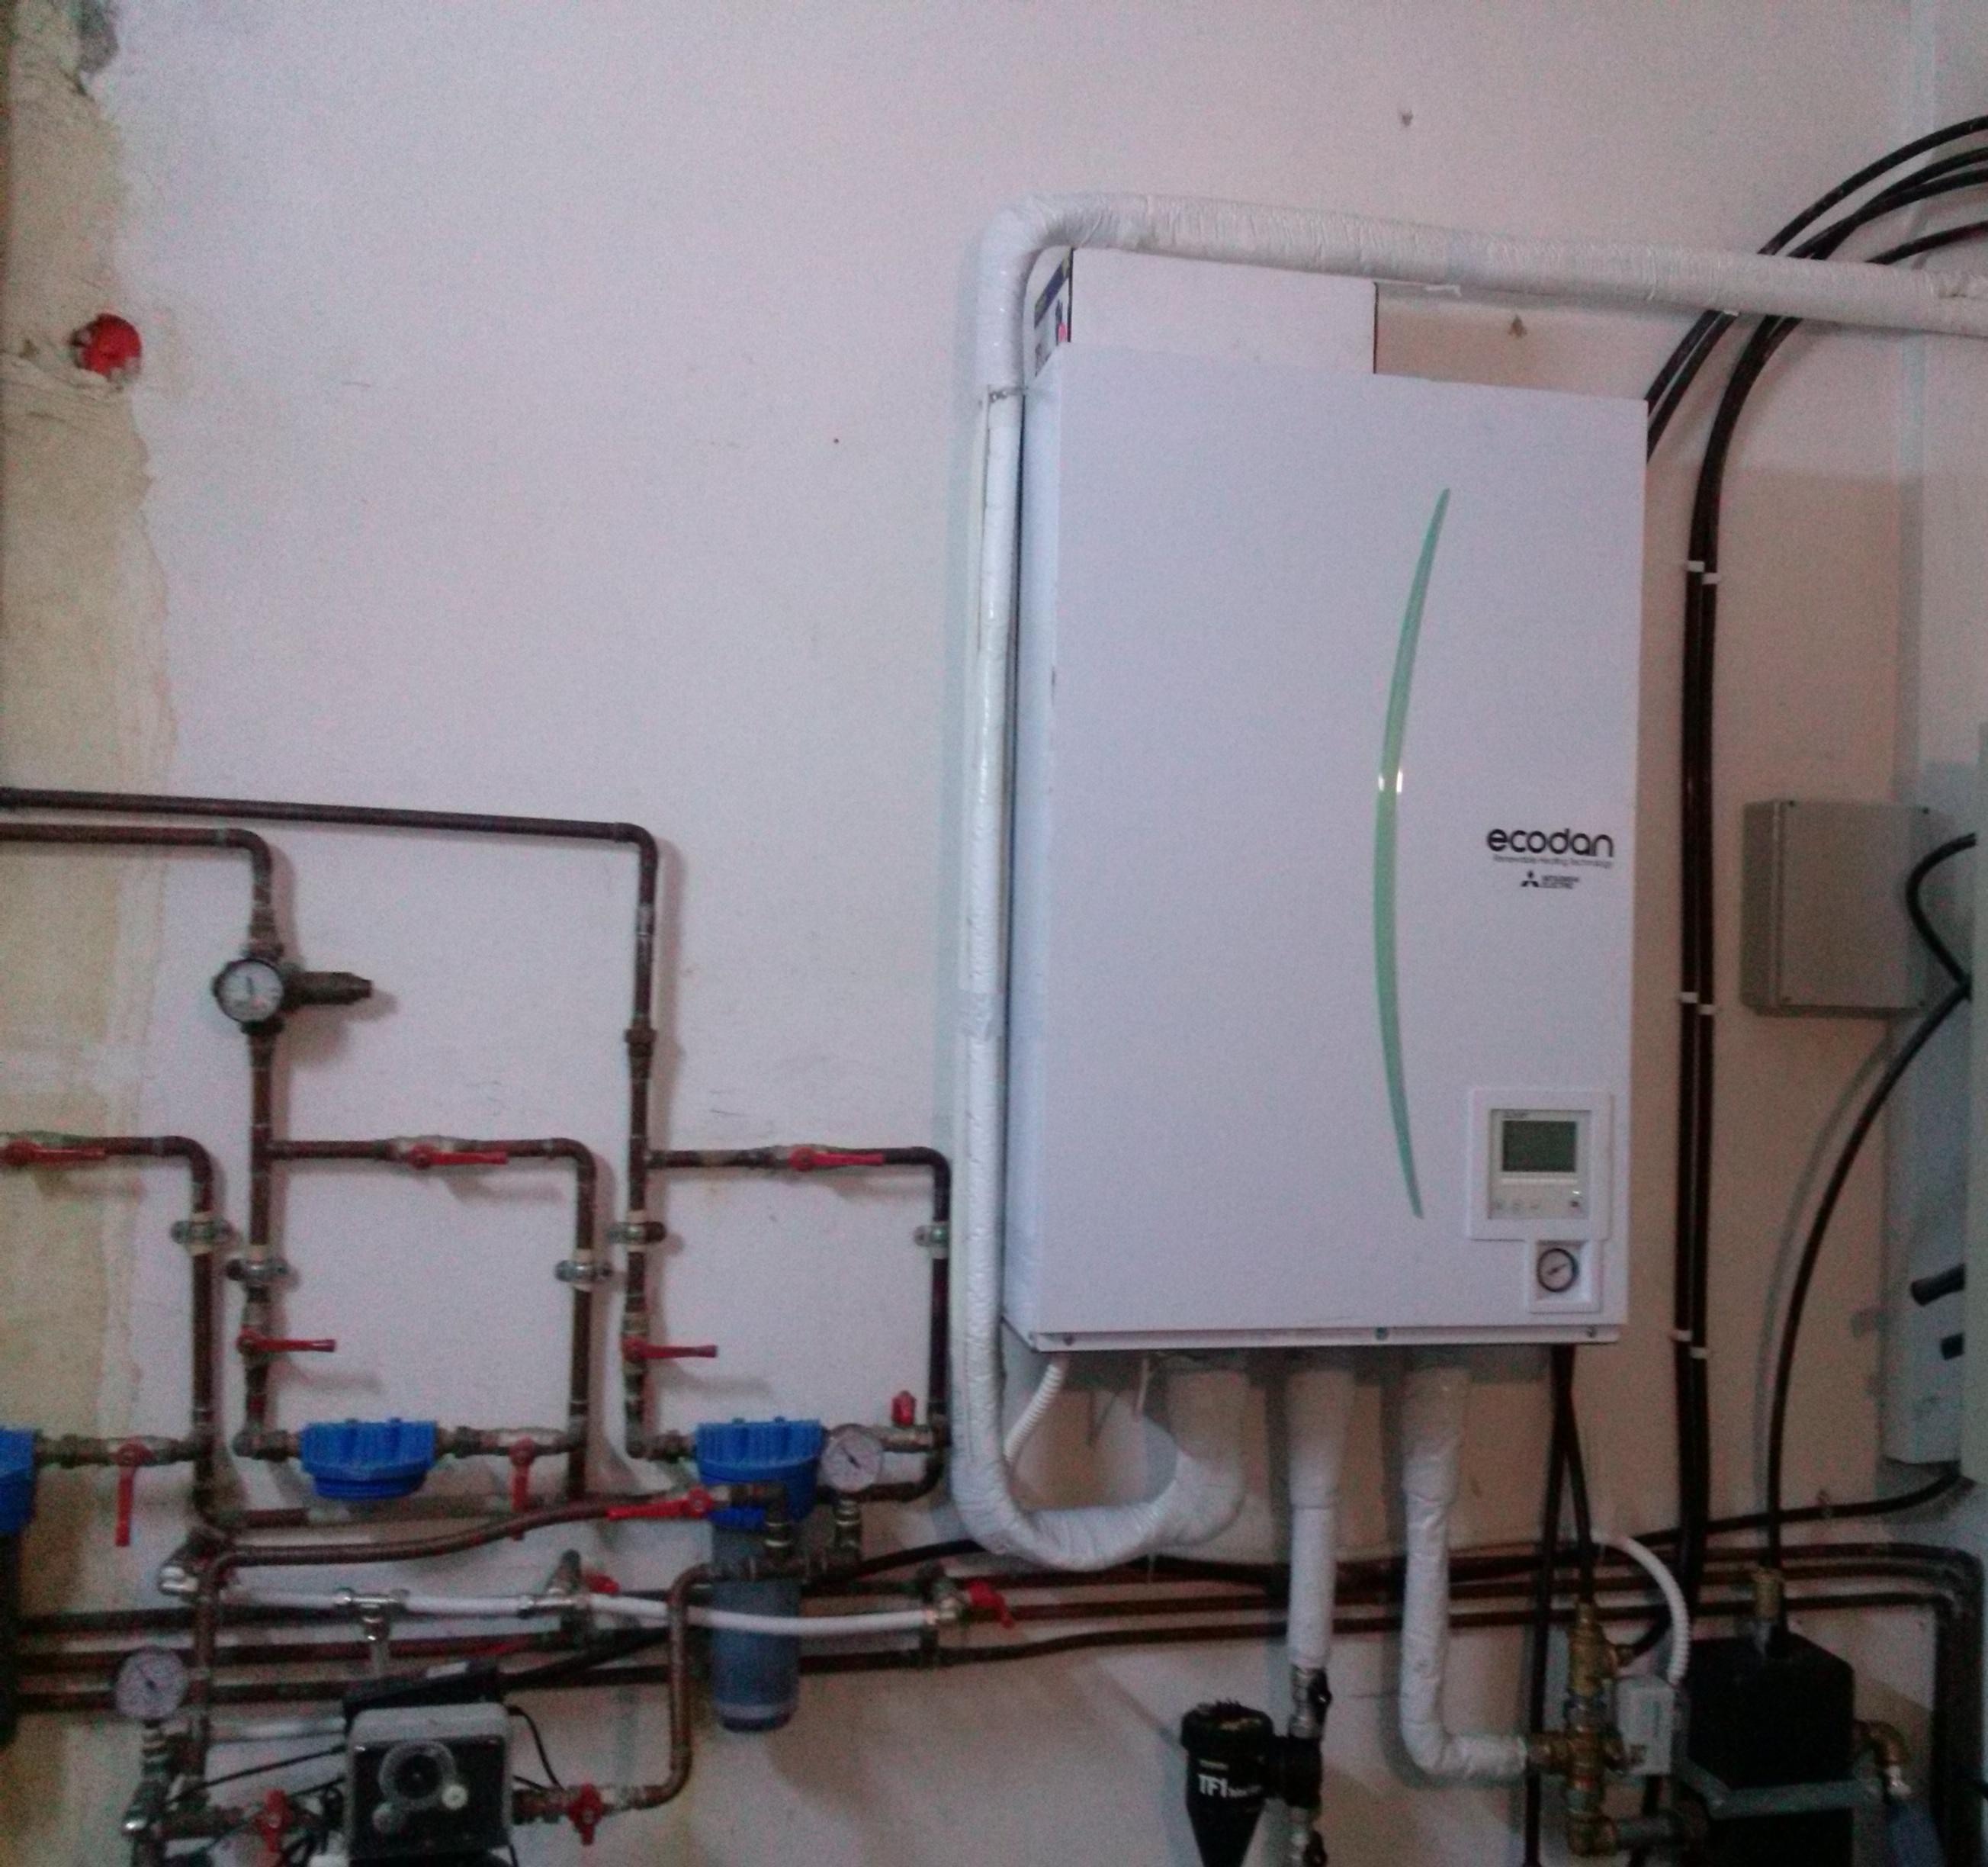 Ανλία Θερμότητος 23 kW MITSUBISHI ELECTRIC ZUBADAN (Εσωτερική μονάδα) σε κατοικία στο Μαρκόπουλο Ωρωπού